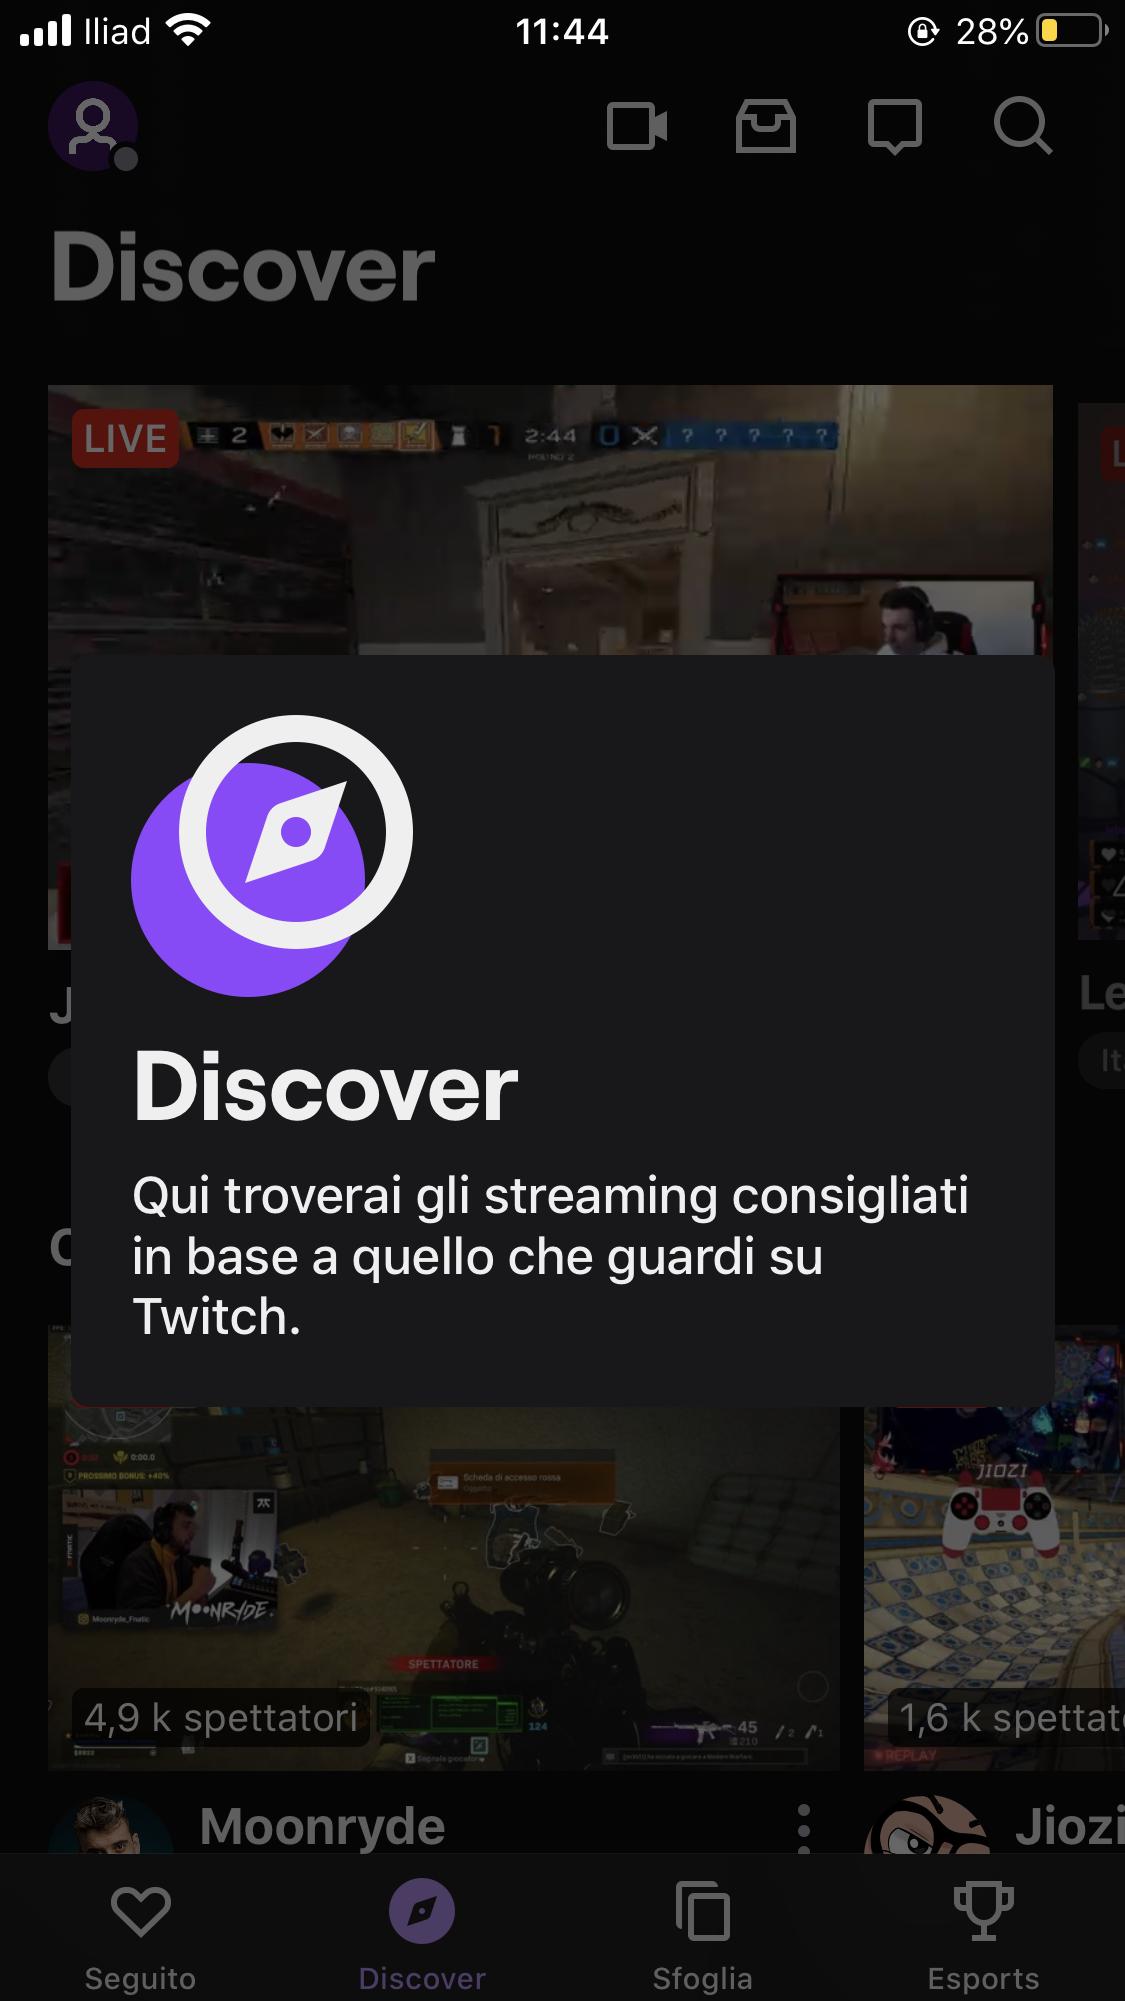 sezione discover twitch